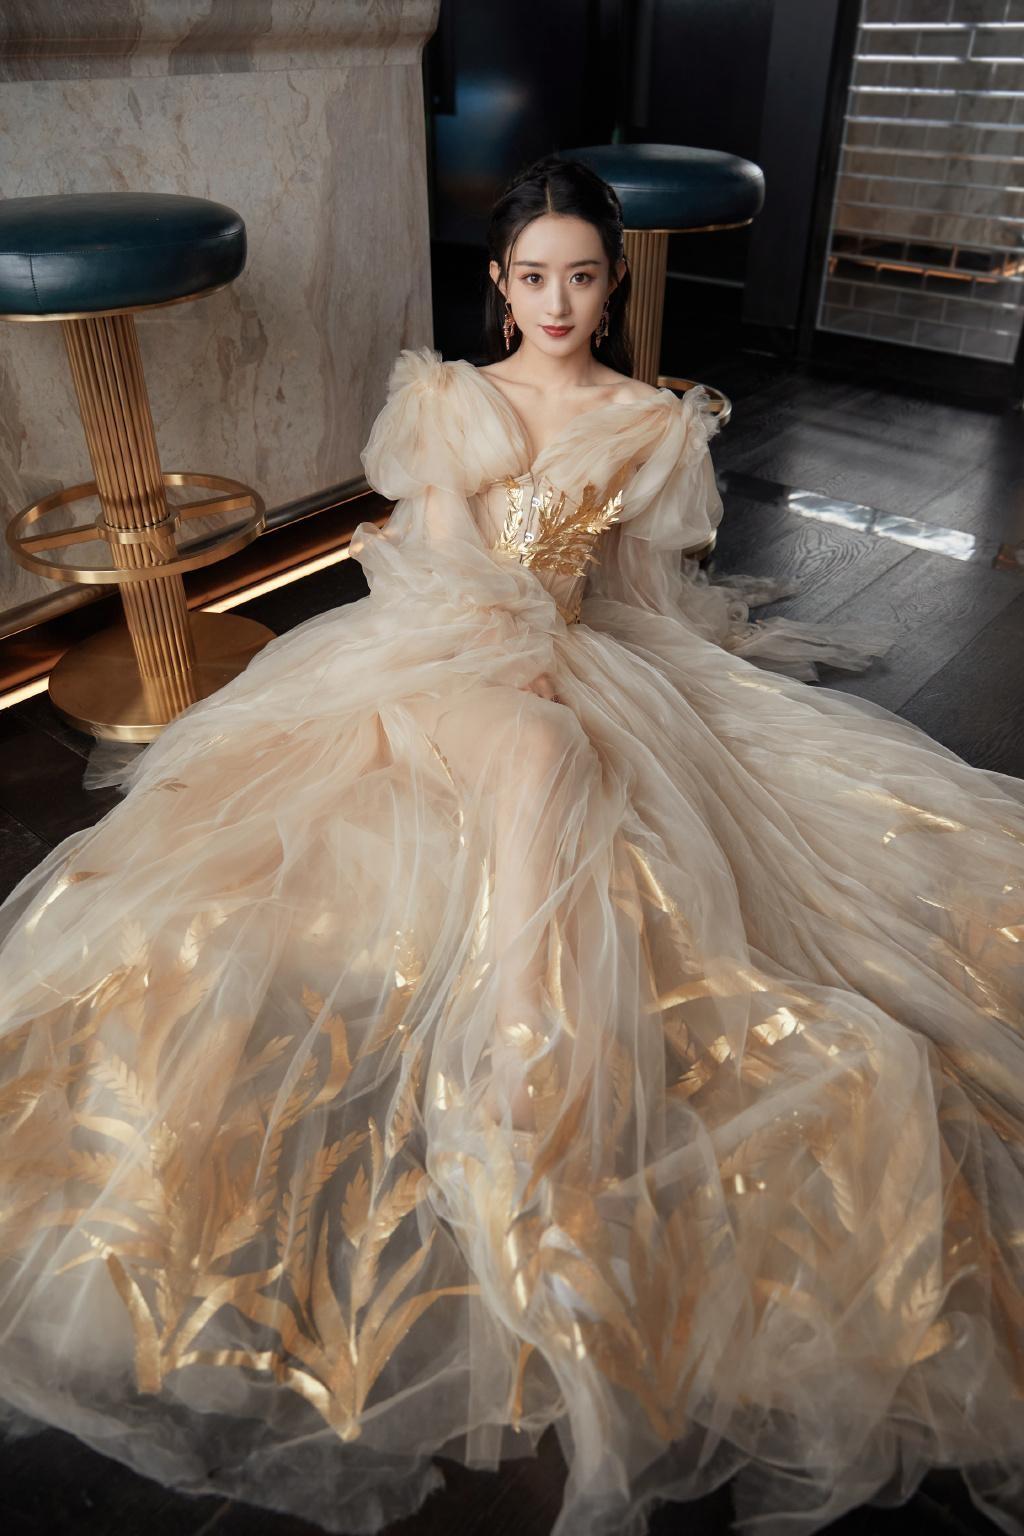 """Lai lịch khó ngờ của bộ váy lộng lẫy giúp Triệu Lệ Dĩnh thành """"Nữ hoàng đêm hội Bazaar"""" ảnh 3"""